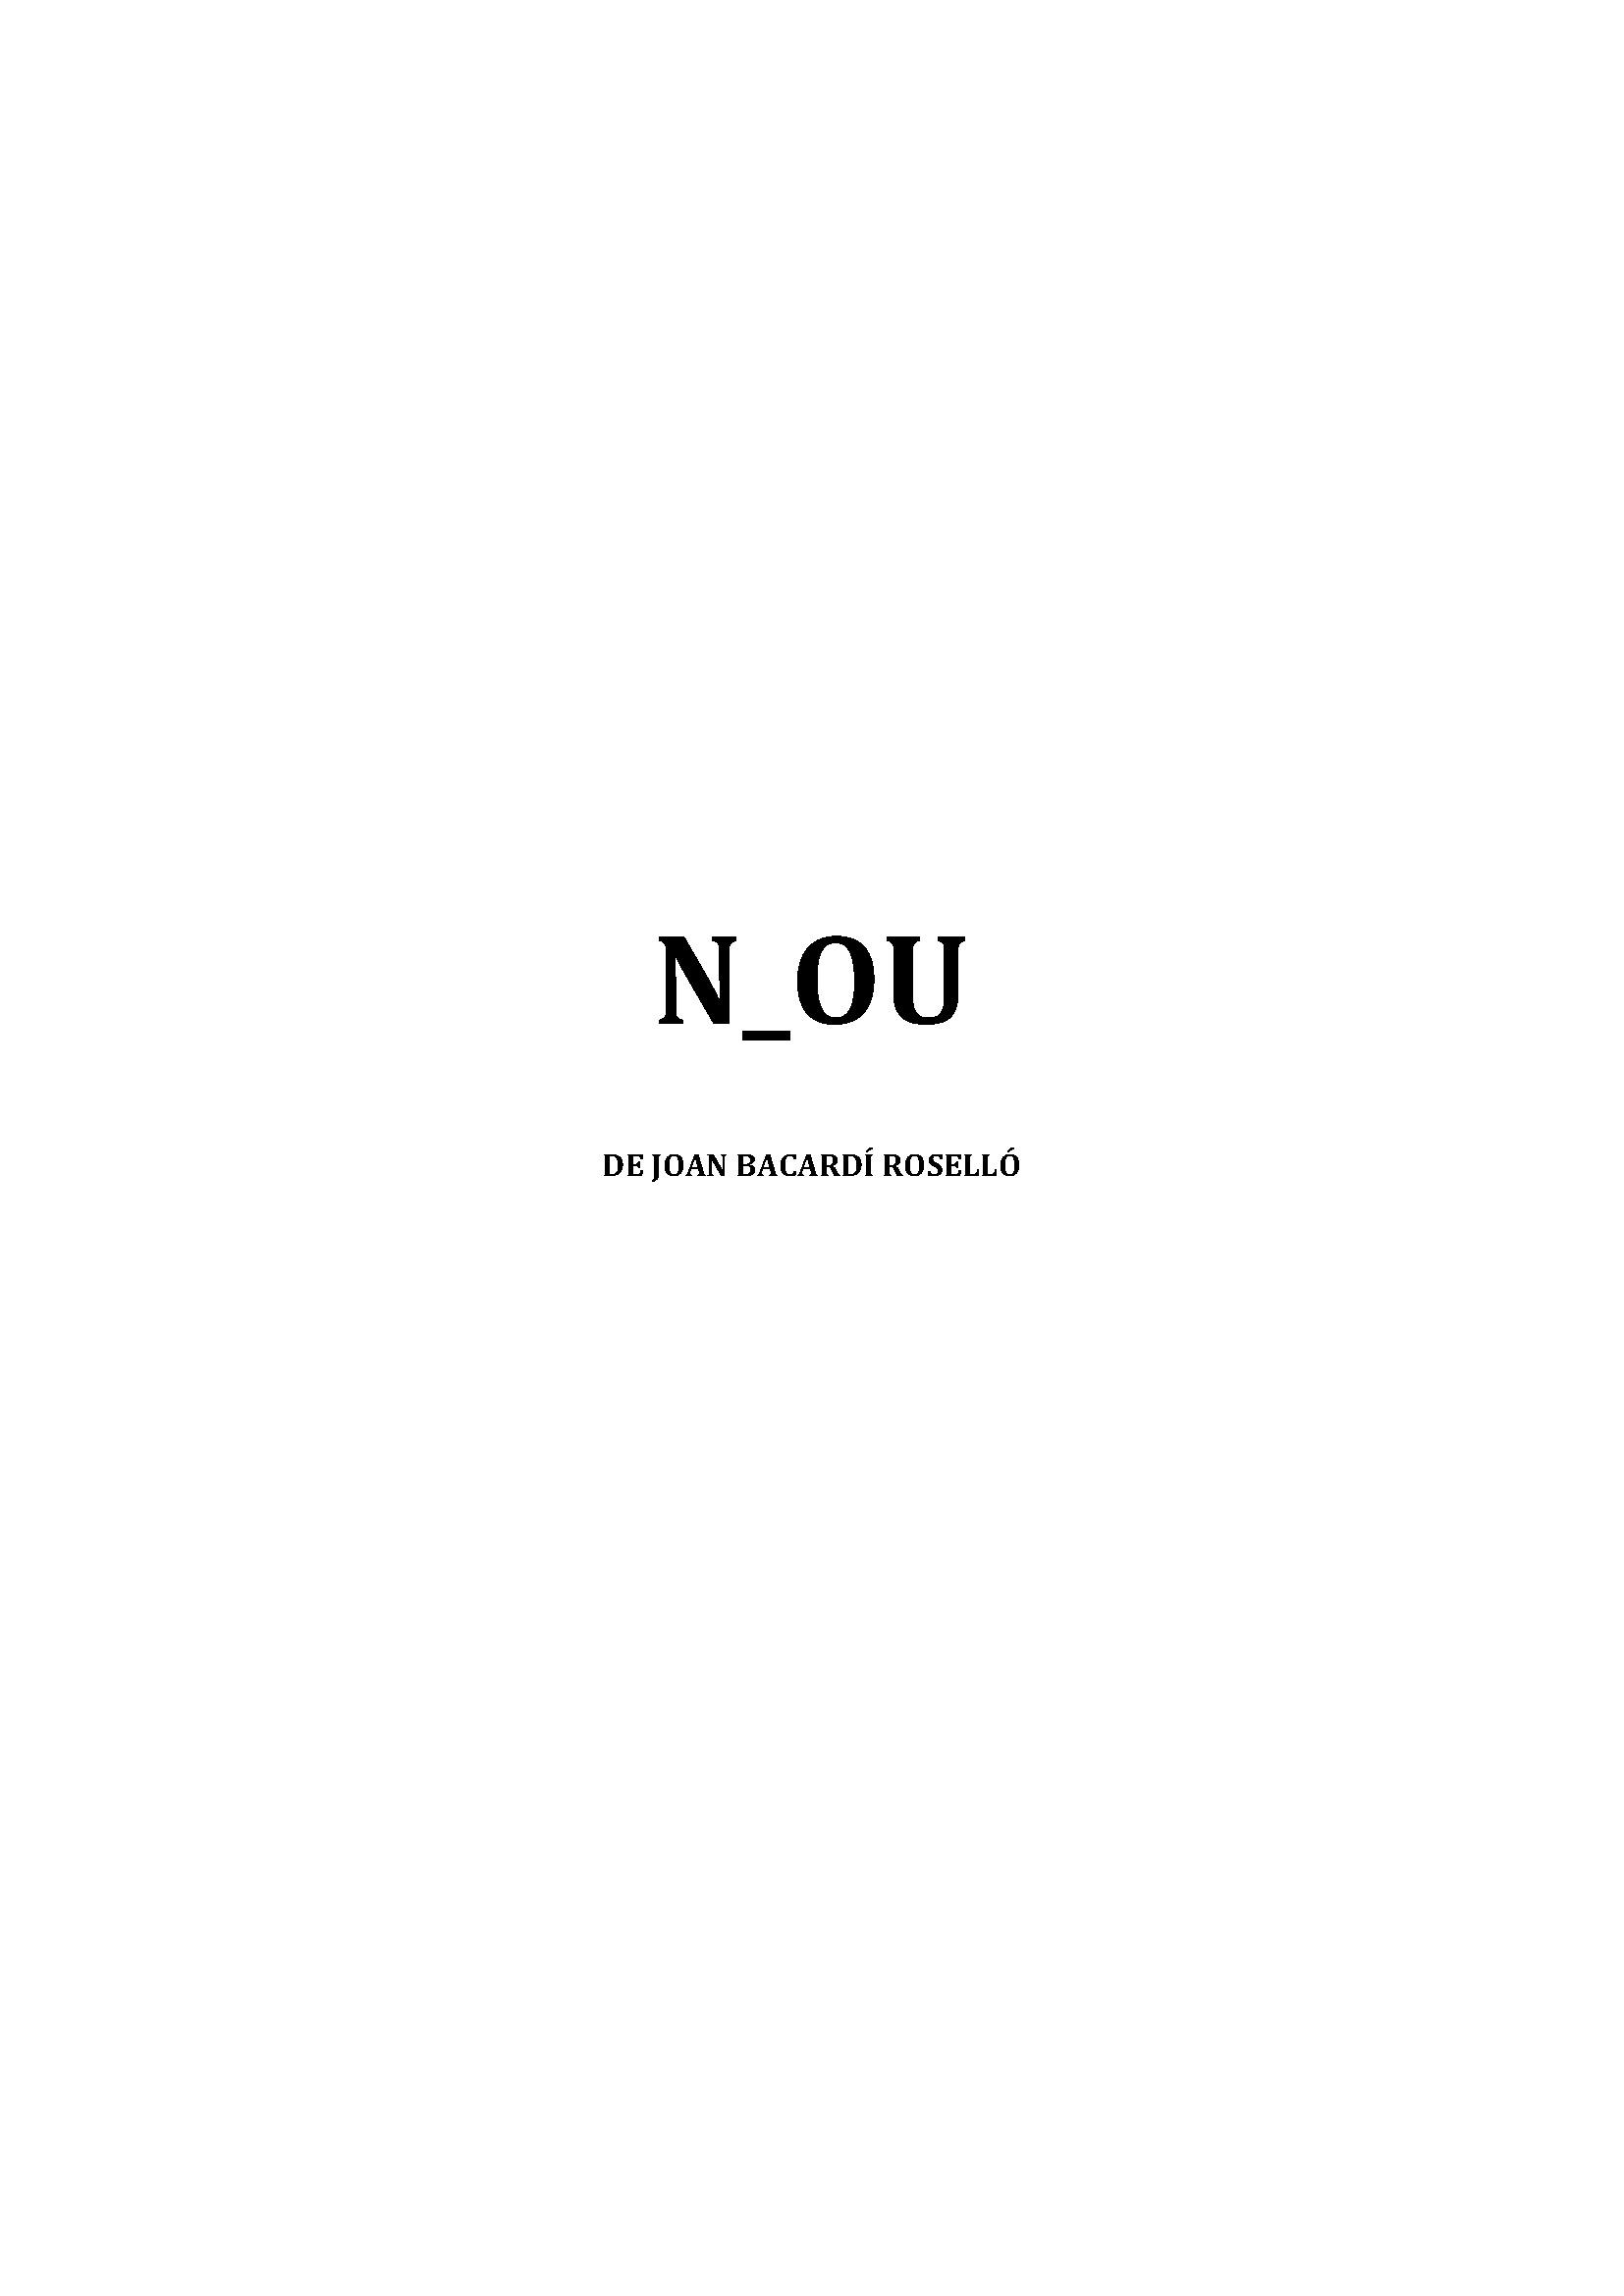 n_ou_Página_1